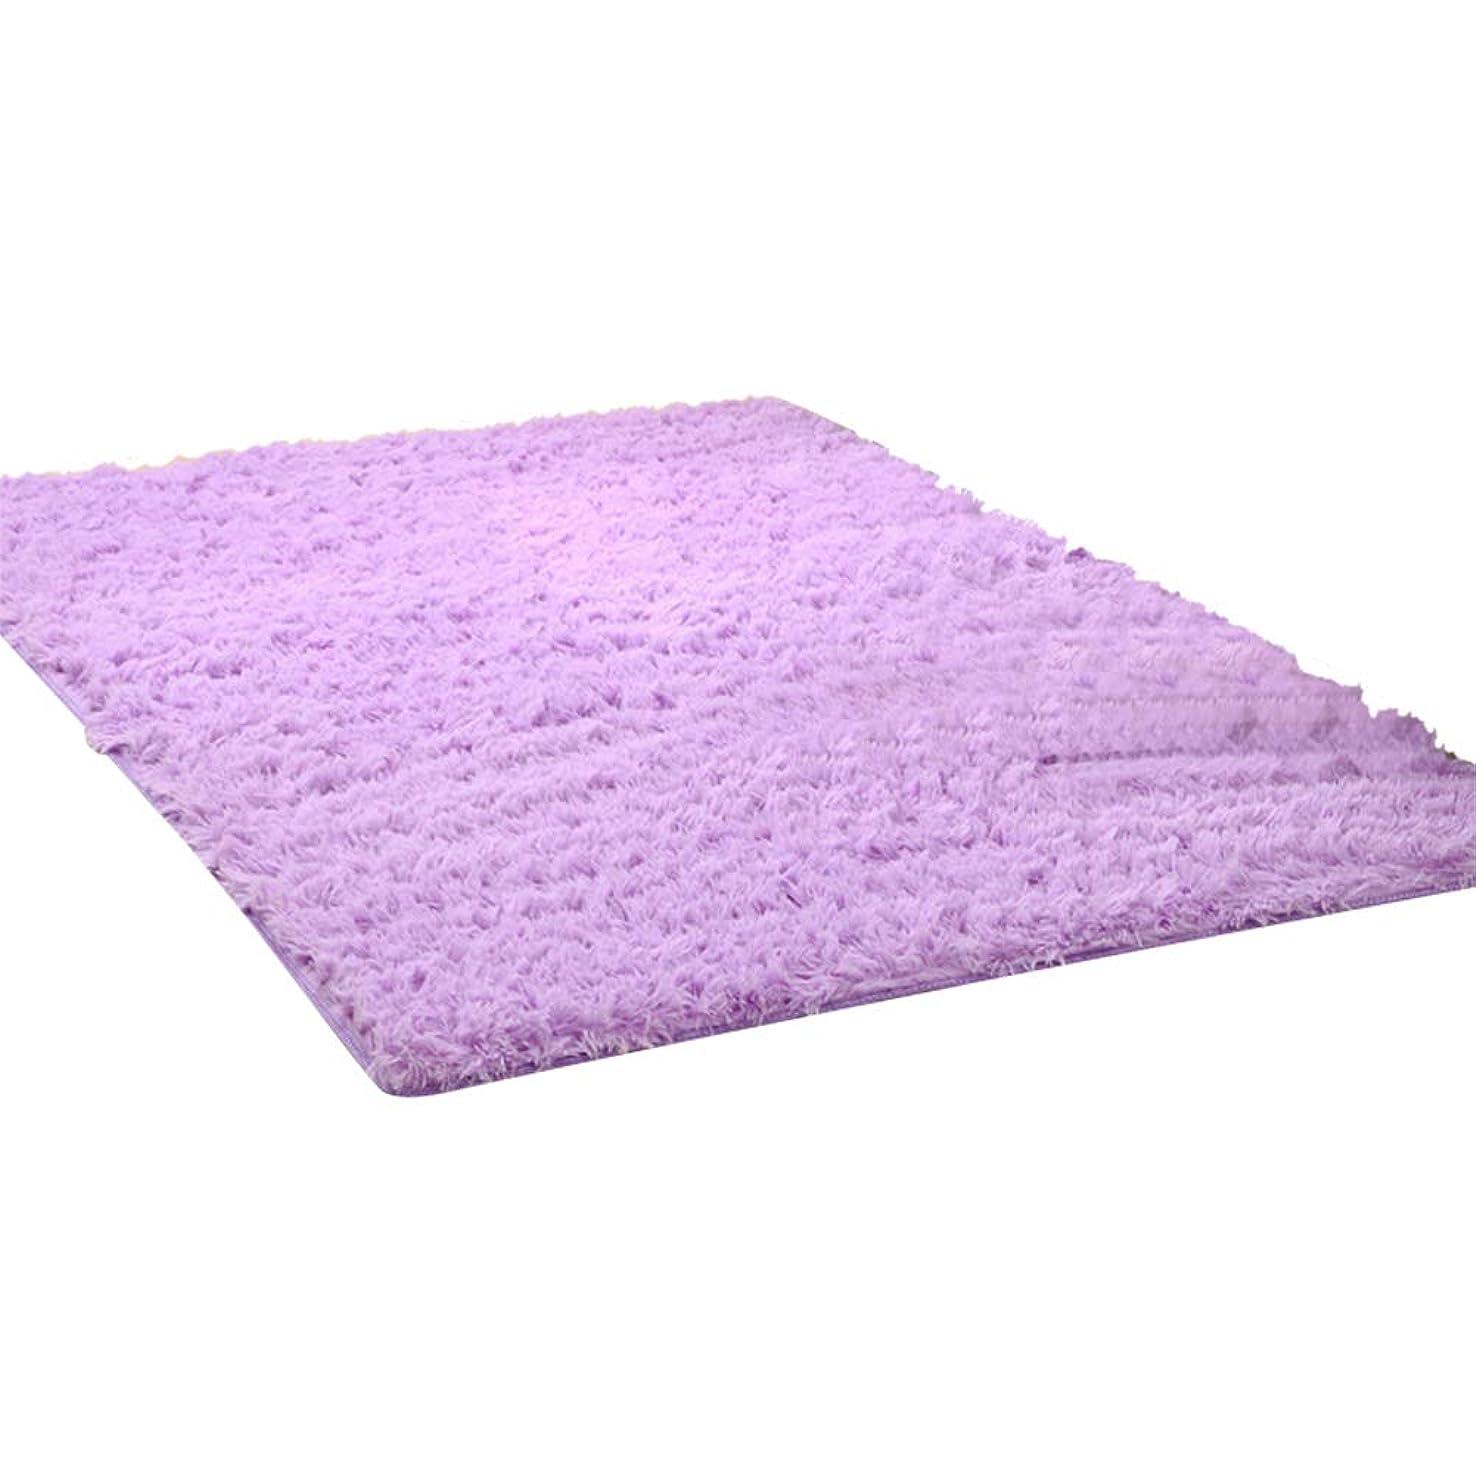 英語の授業がありますありそう川Kikon 洗える ラグマット カーペット オールシーズン シャギーラグ 絨毯 滑り止め付 冬用 夏用 防ダニ 抗菌 防臭 床暖房対応 (パープル, 50×80cm)